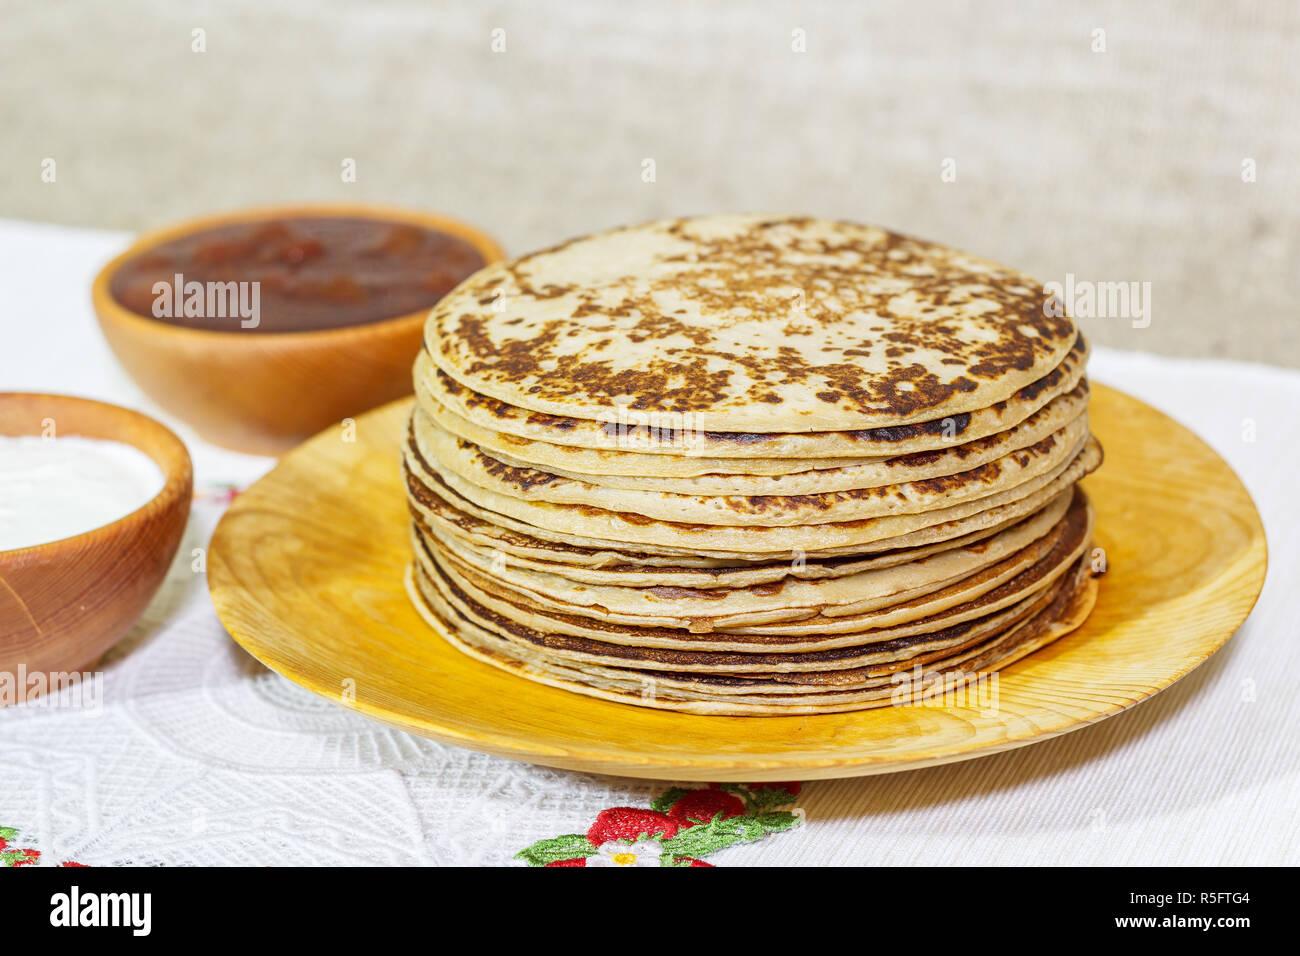 Close-up of pancake stack - Stock Image